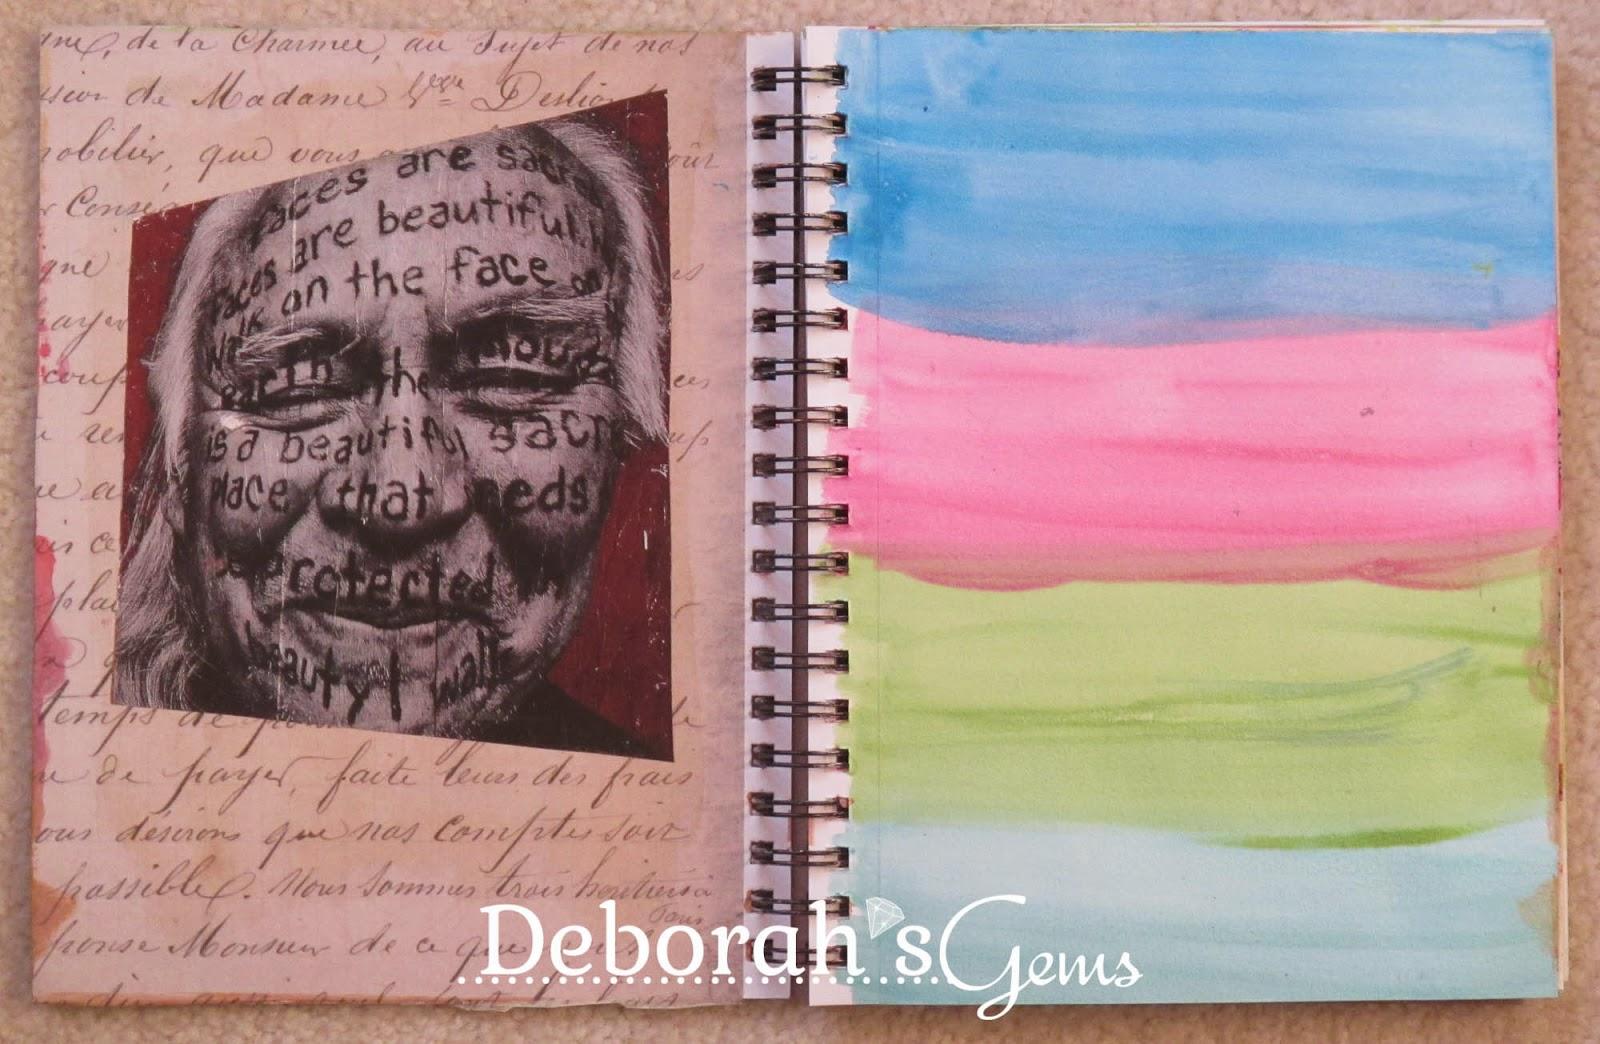 365 Days of Being 1 - photo by Deborah Frings - Deborah's Gems